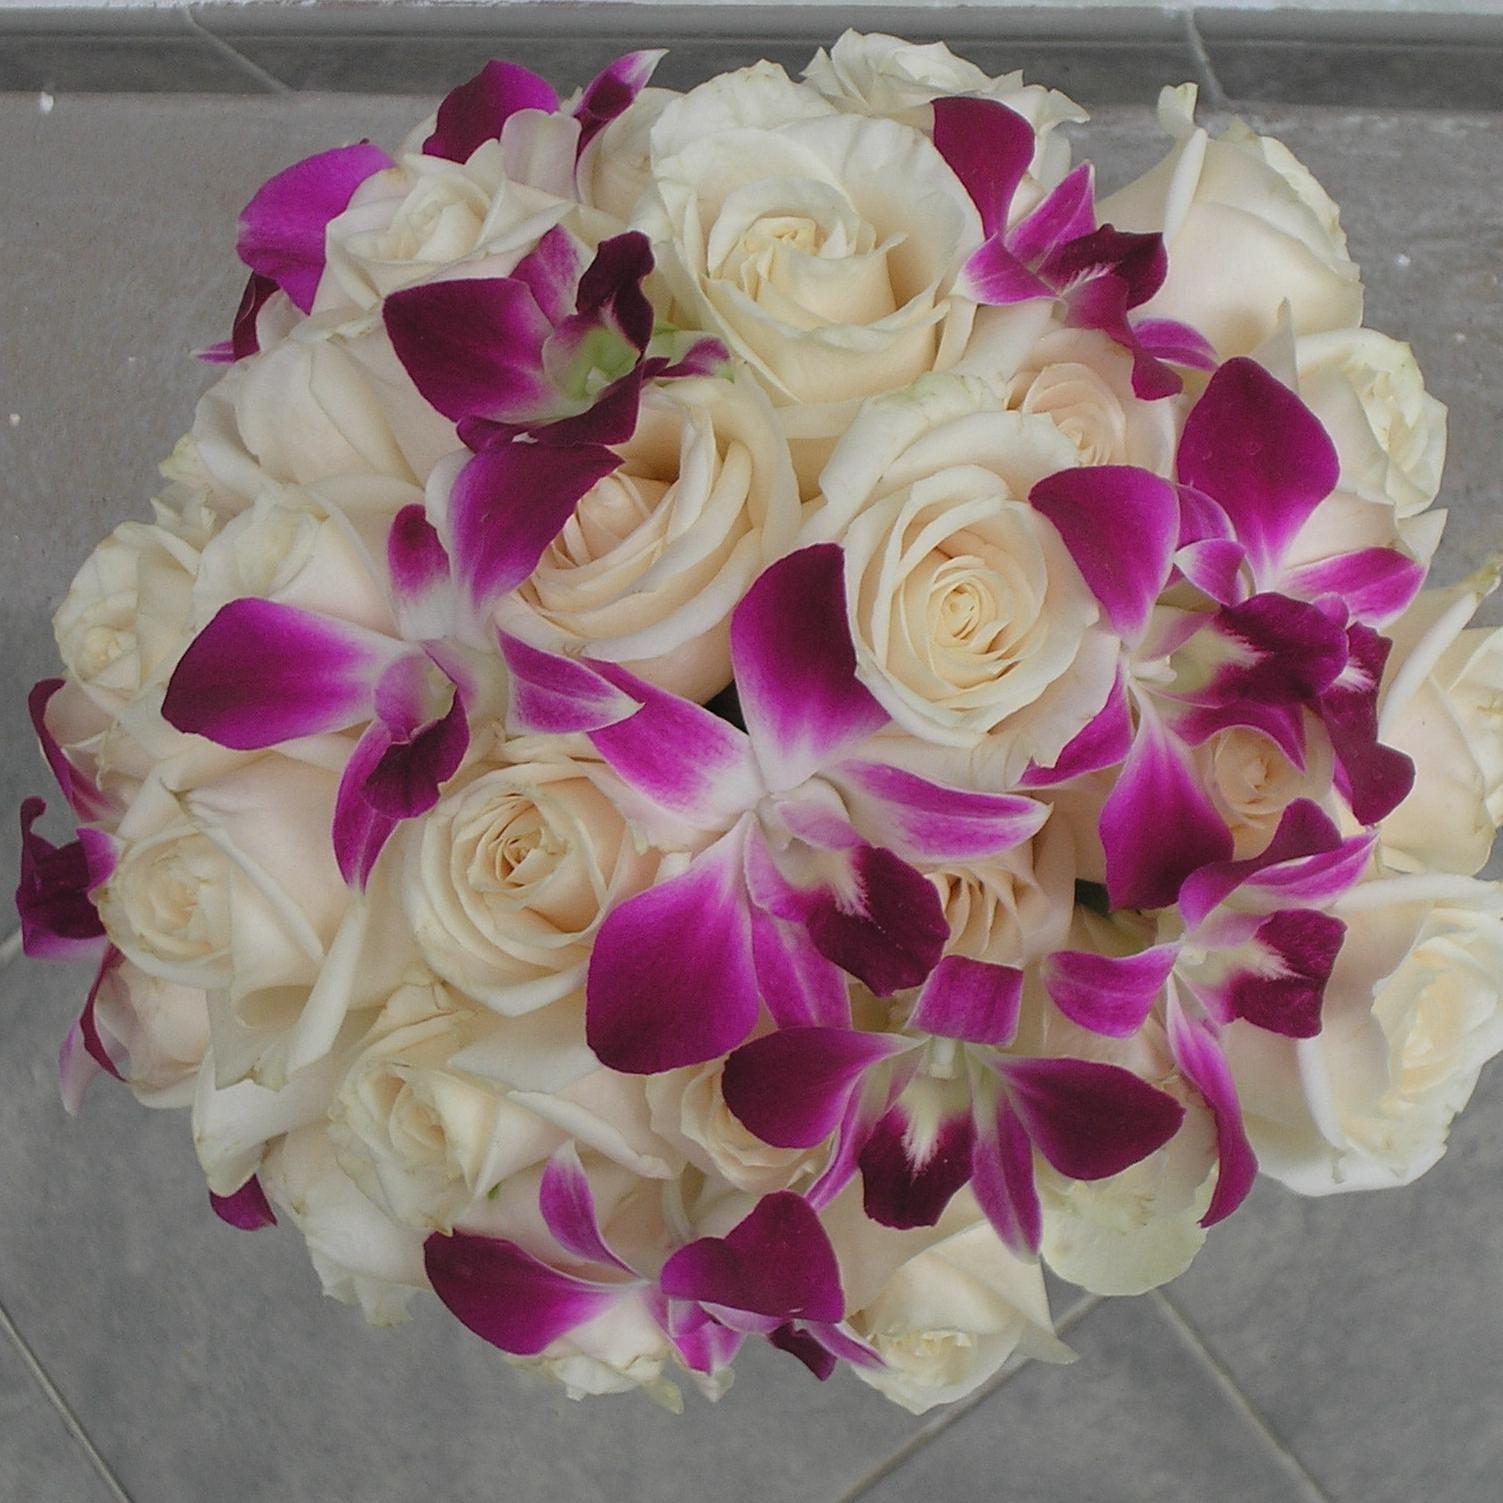 Alegra Con Flores On Twitter Felices De Ver Nuestros Bouquets En